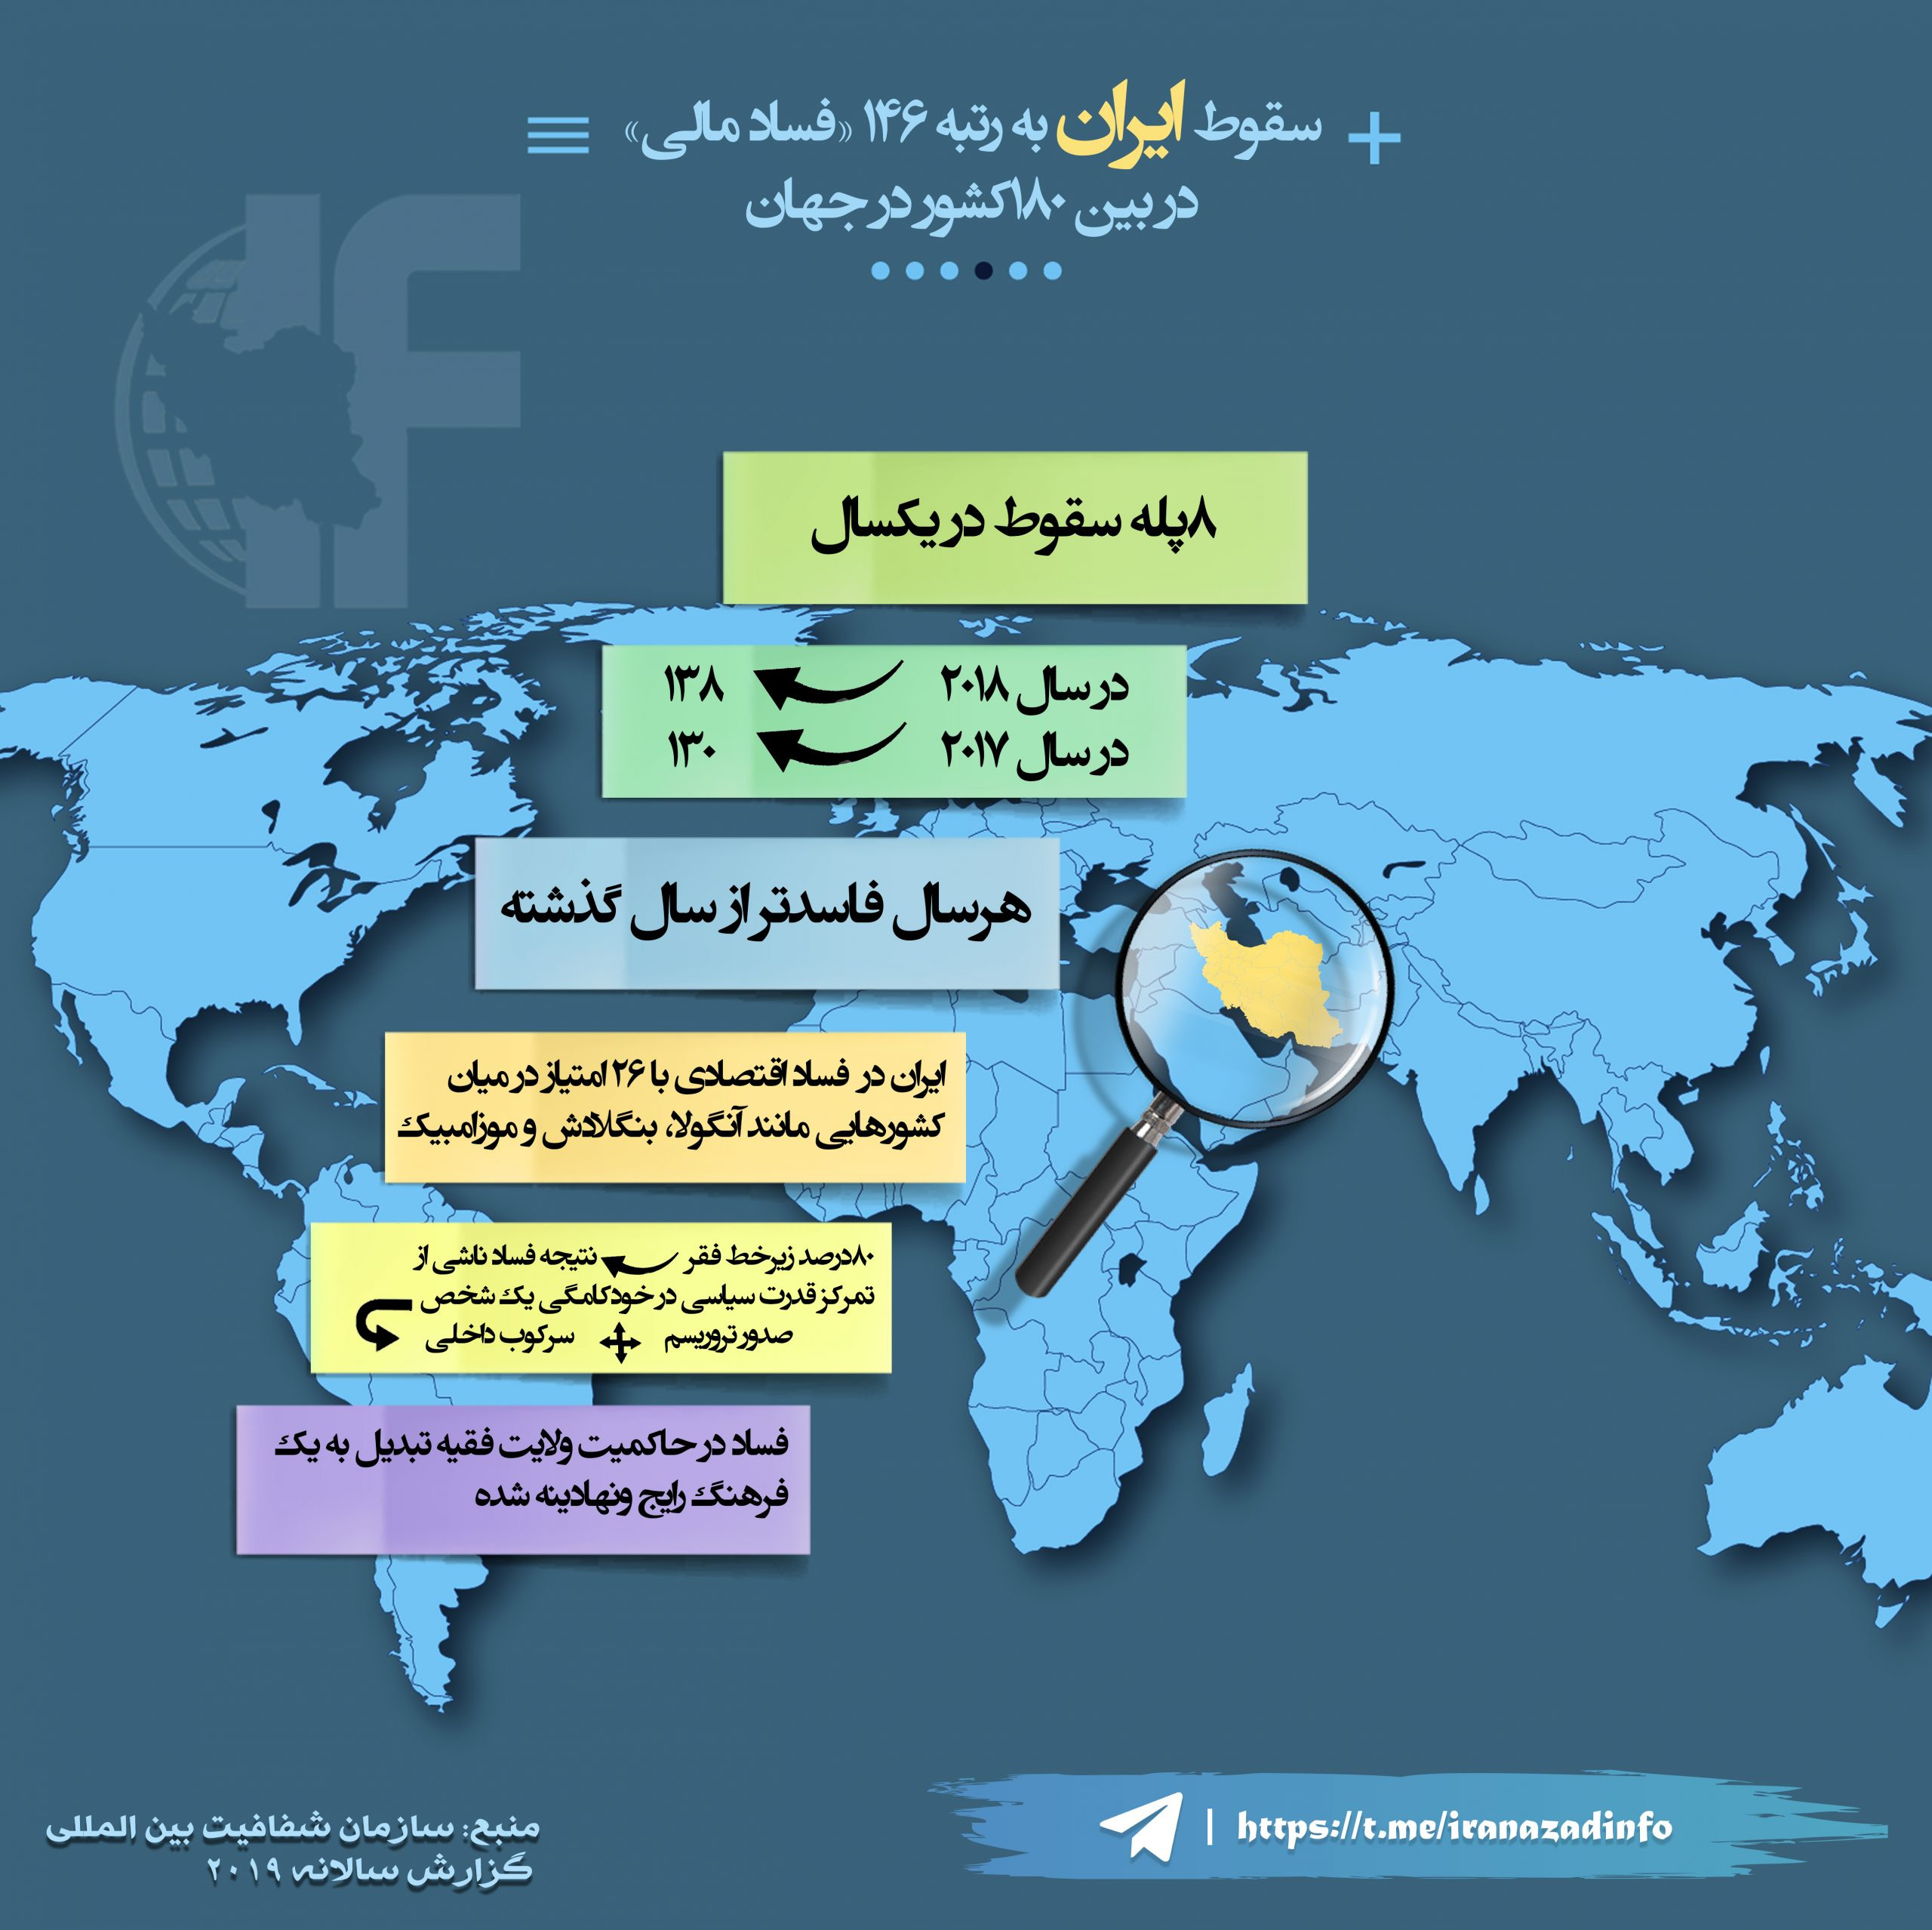 ایران در حاکمیت خامنهای فاسدترین کشور جهان درسال ۲۰۱۹